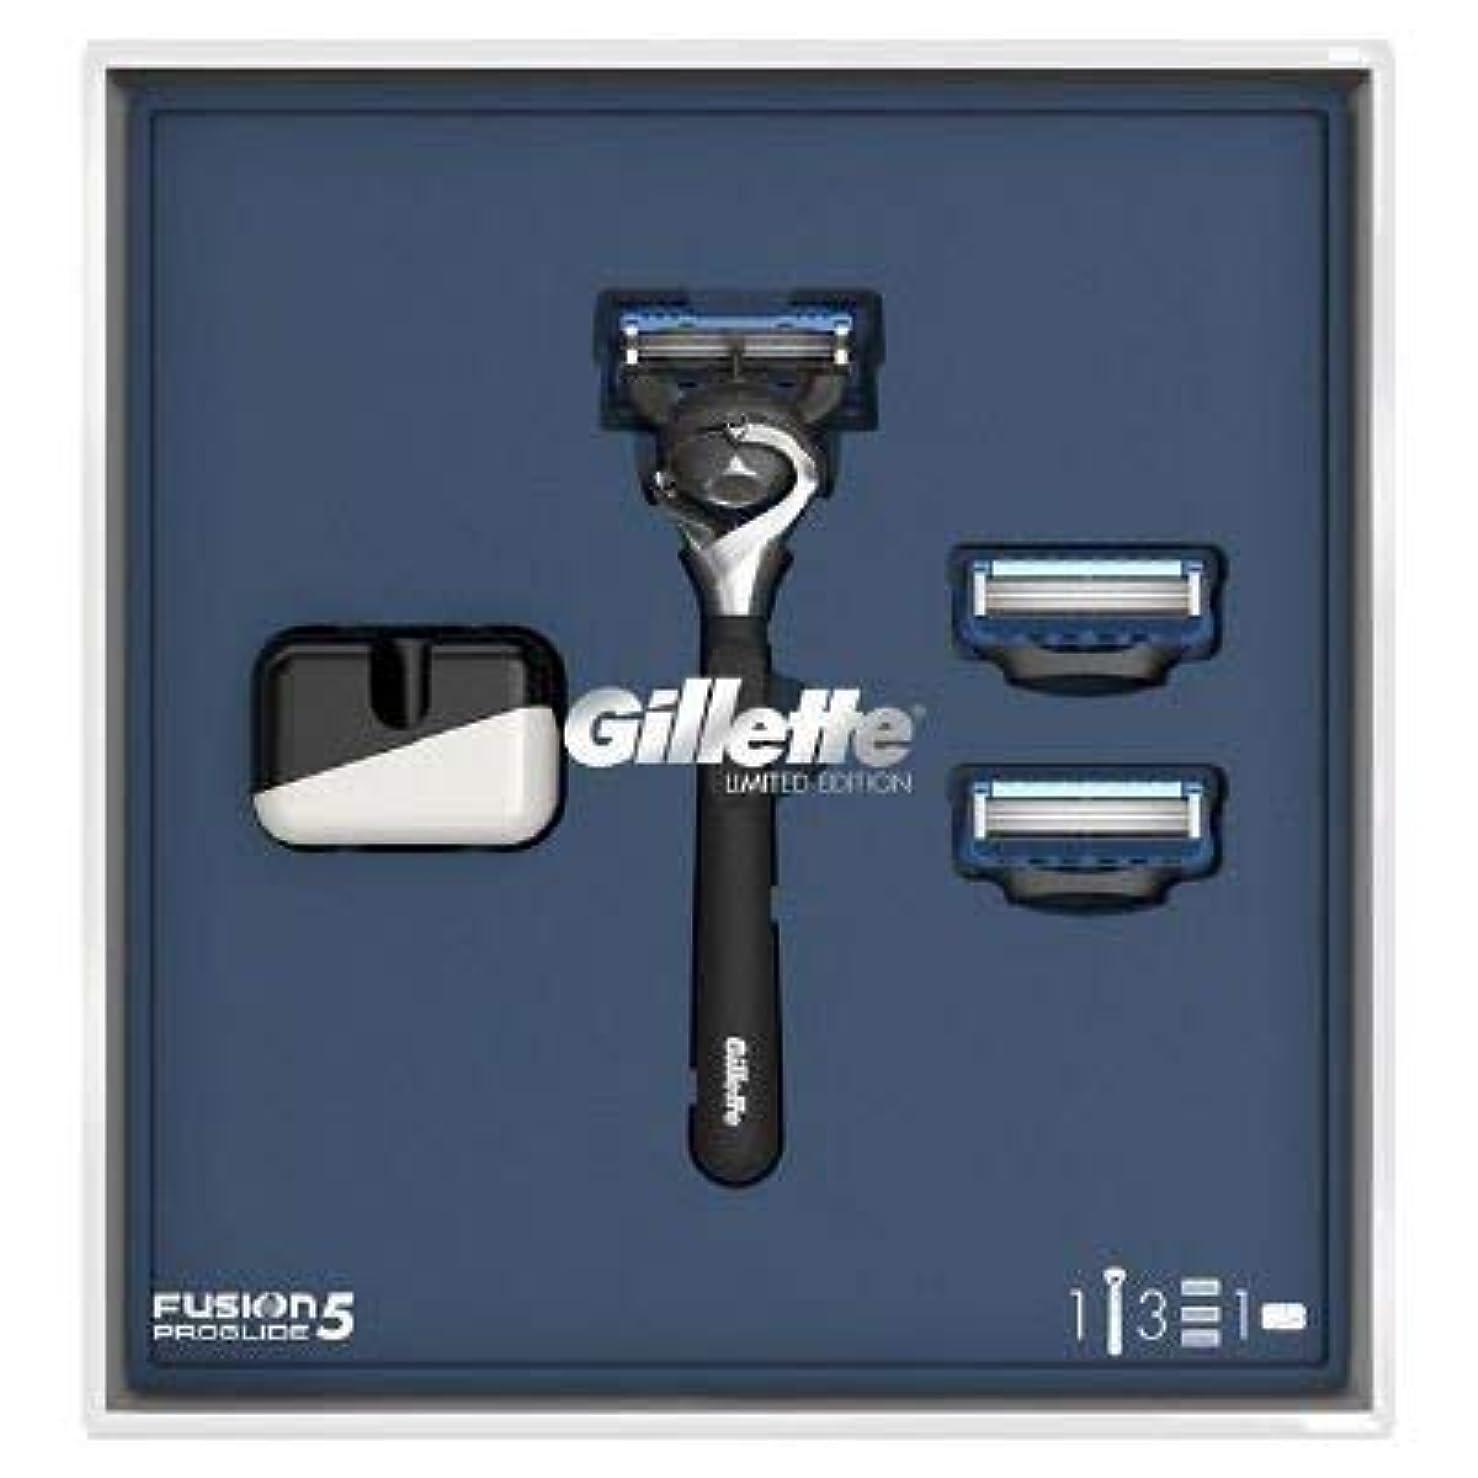 おじさん母性港(ジレット)Gilette プログライド 髭剃り本体+替刃3個 オリジナルスタンド付き スペシャルパッケージ P&G